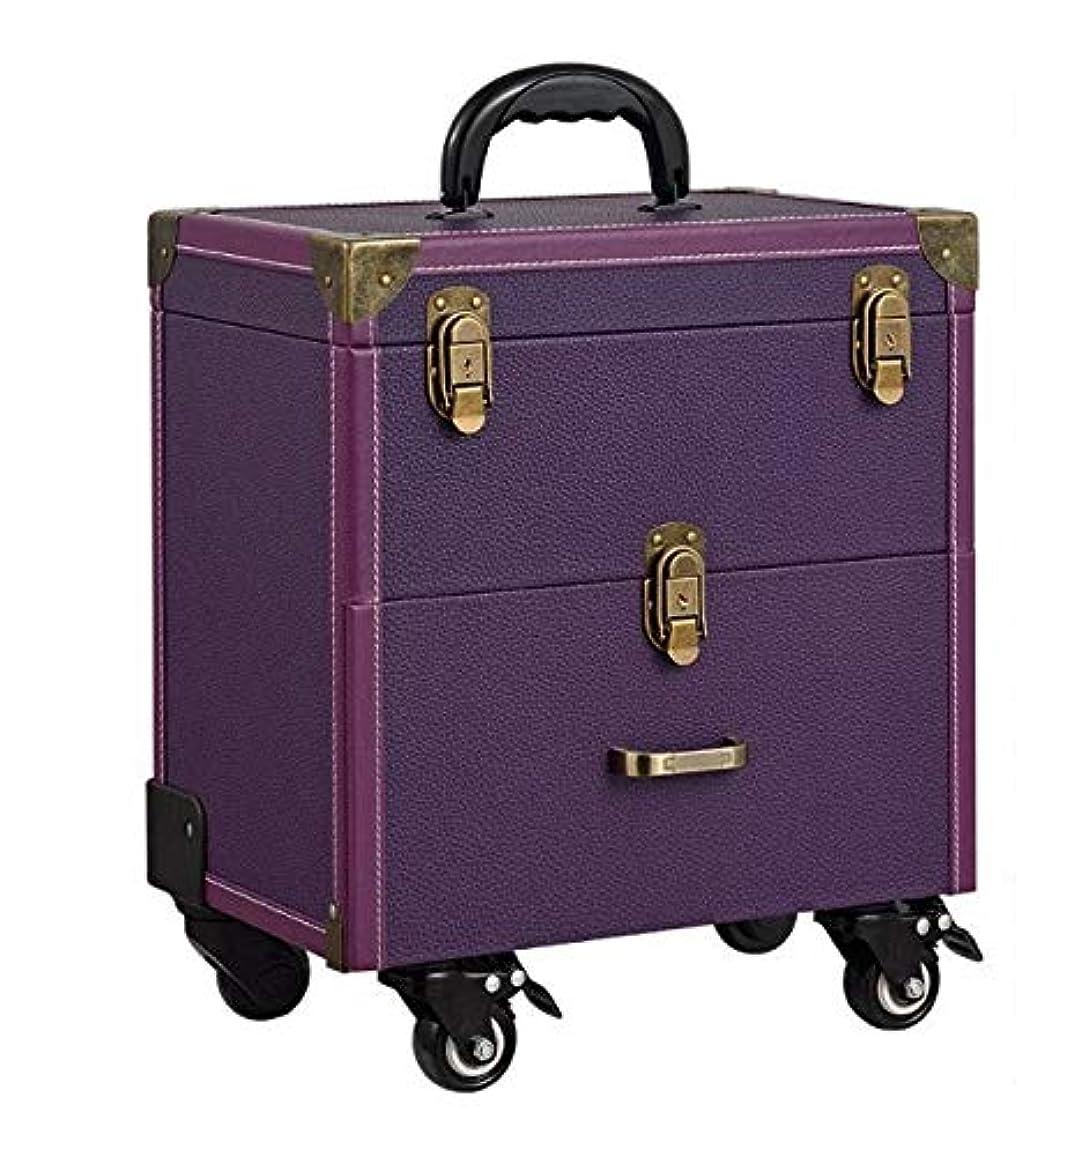 人工杖飼い慣らす化粧箱、大容量二層トロリー化粧品ケース、ポータブル旅行化粧品バッグ収納袋、美容化粧ネイルジュエリー収納ボックス (Color : Purple)